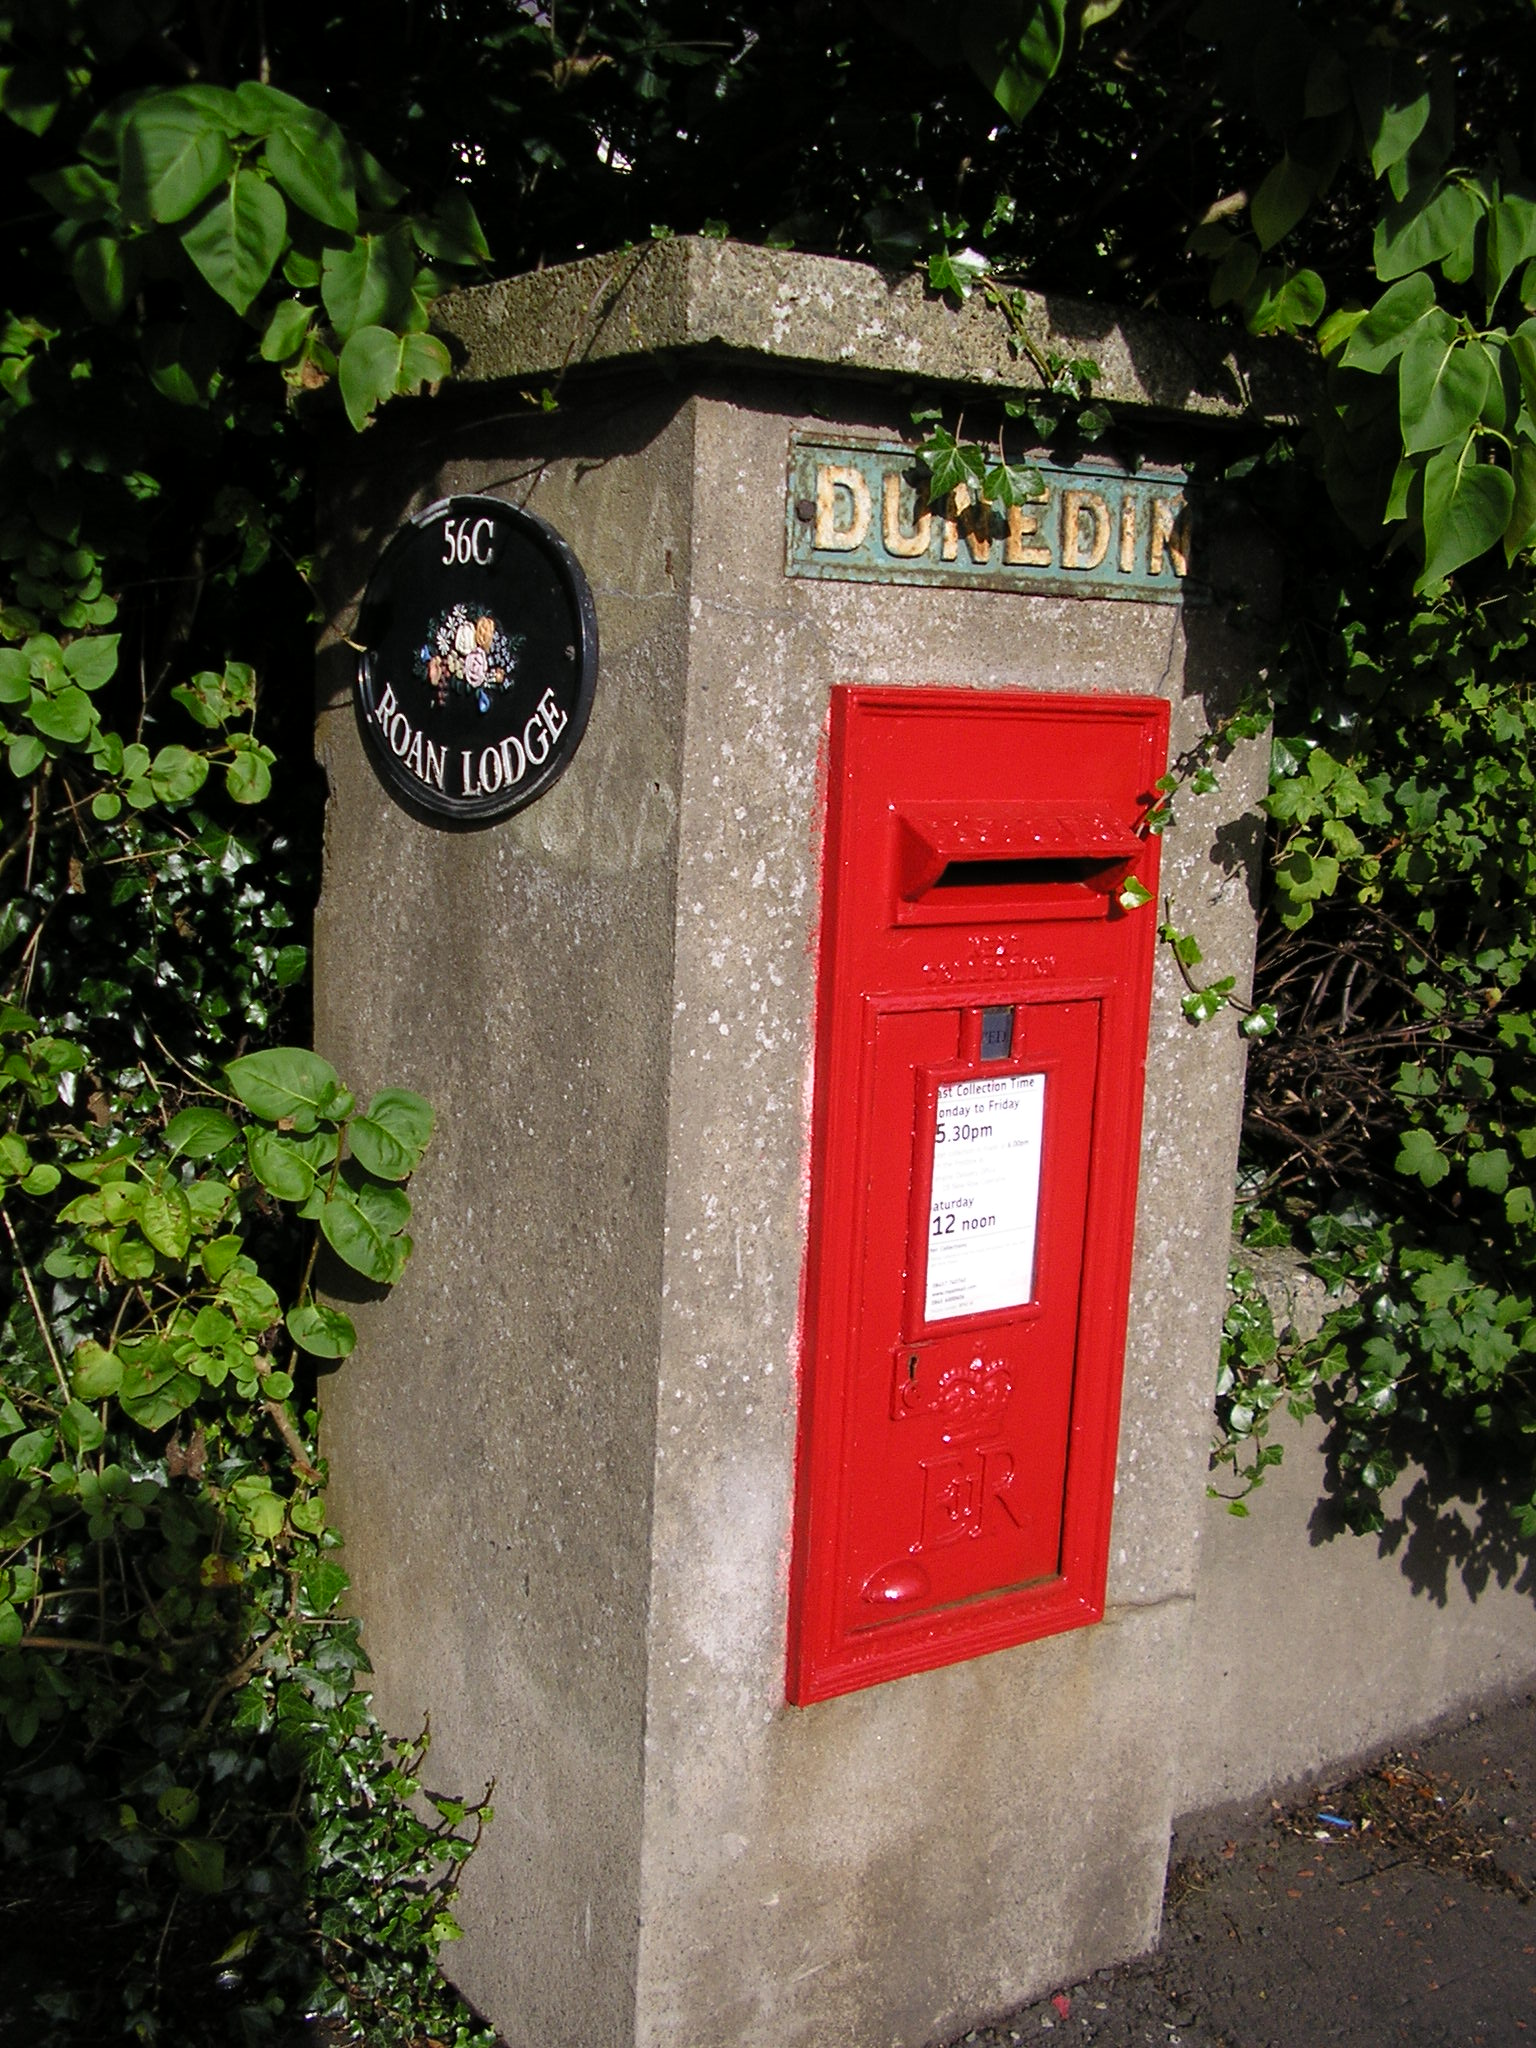 Mail box in Coleraine